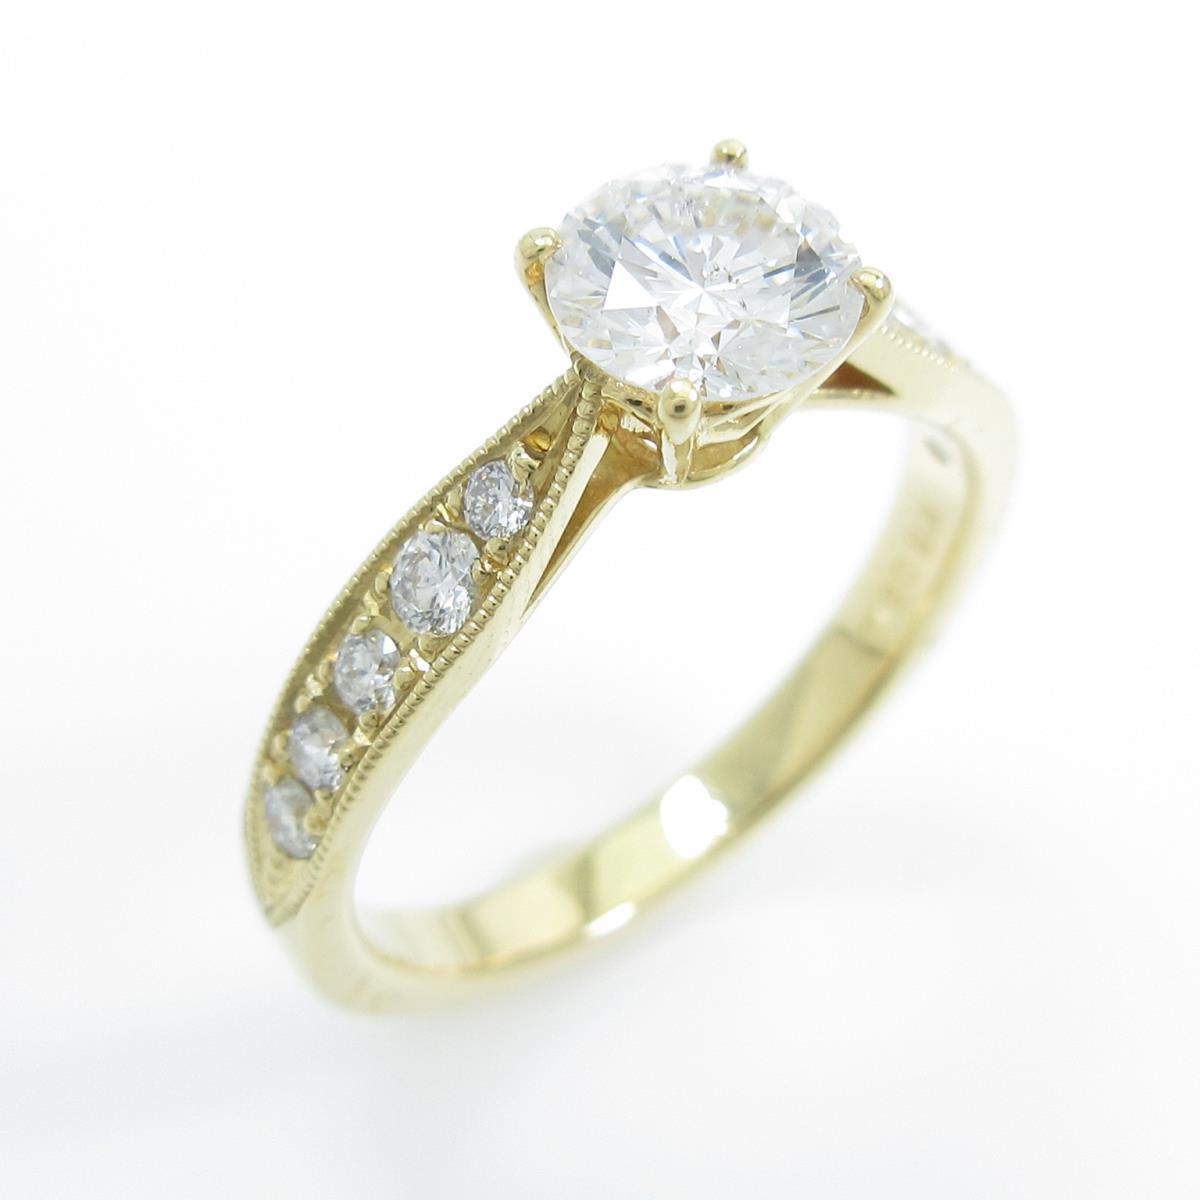 【リメイク】K18YG ダイヤモンドリング 0.610ct・F・SI2・VG【中古】